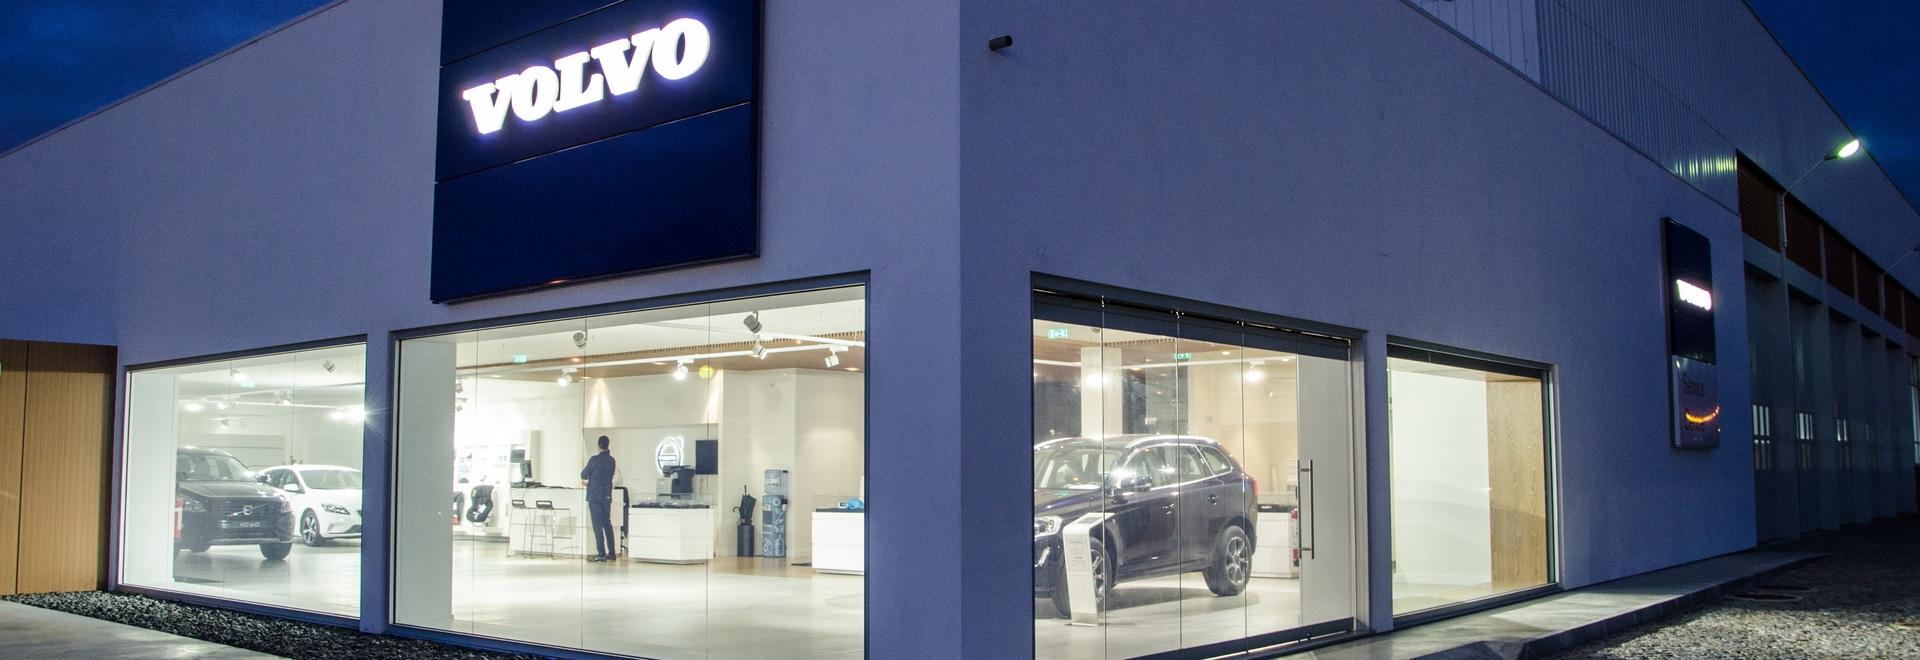 Progetto del concessionario auto di Volvo a cura di Brilumen